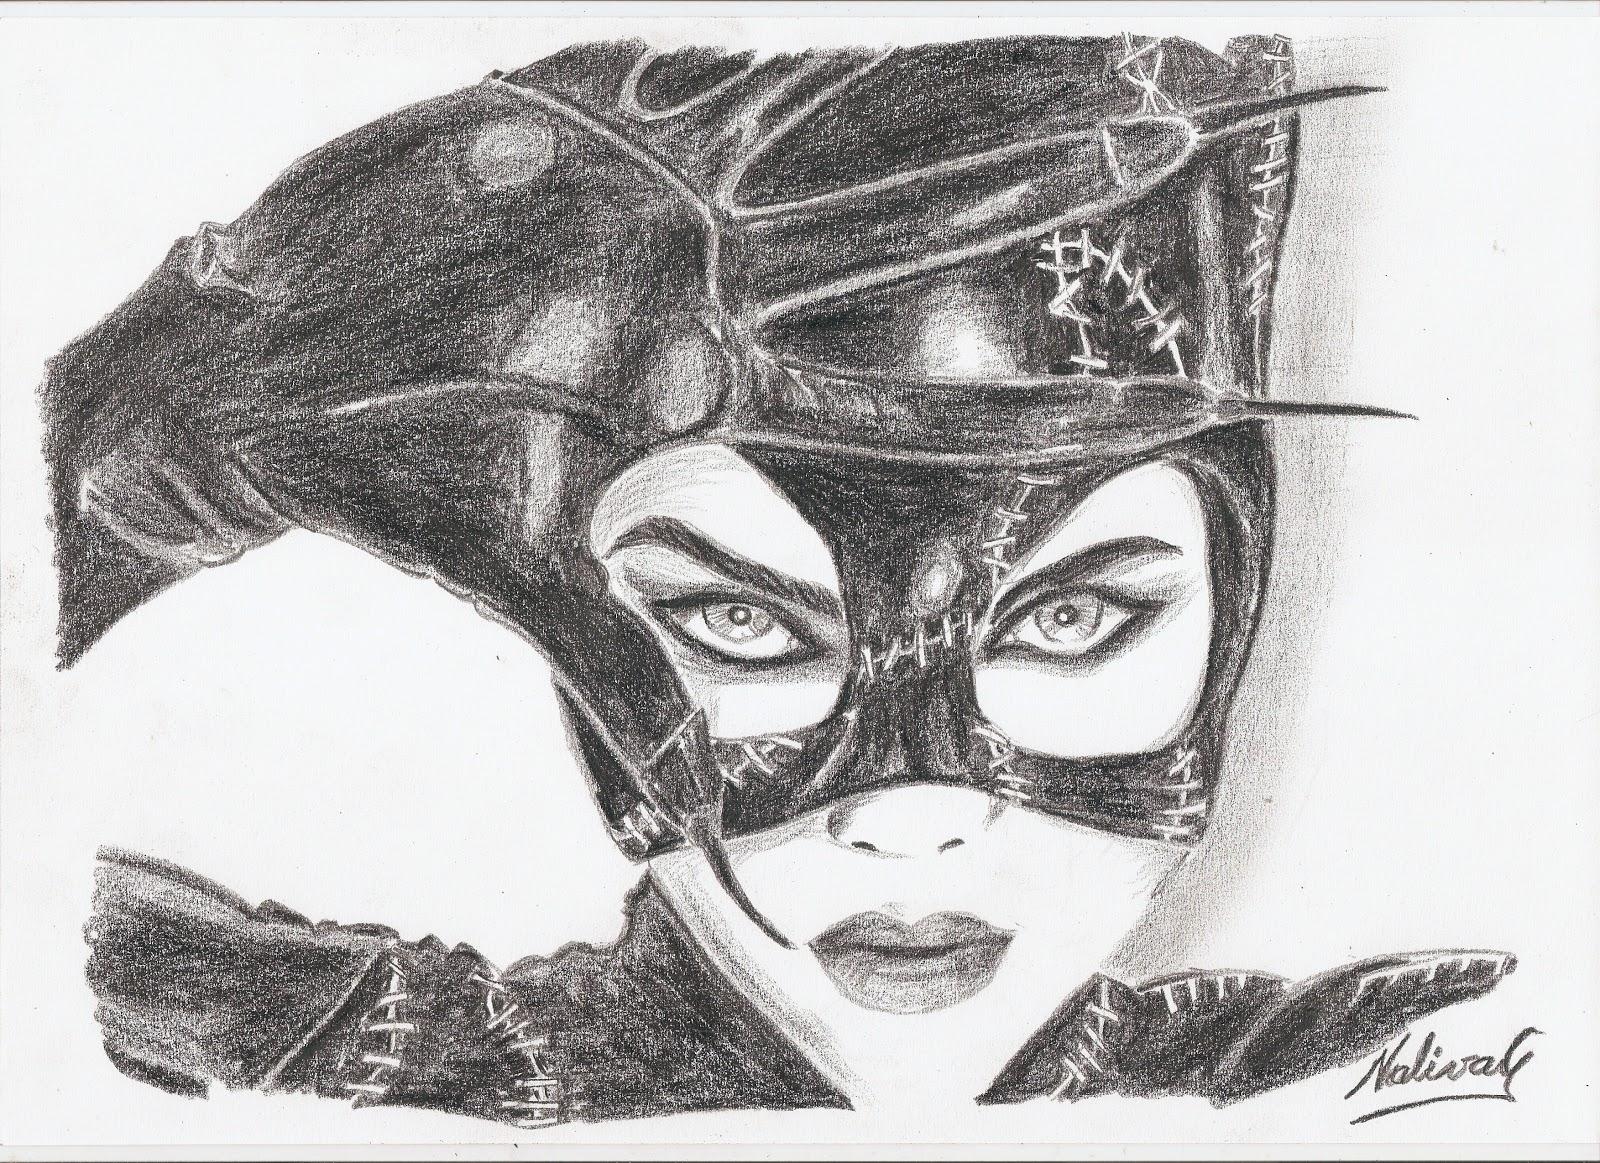 http://3.bp.blogspot.com/-owY9uSNq_c0/UIpHvqV-f9I/AAAAAAAABkI/FYXuQz9lFxs/s1600/catwoman.jpg